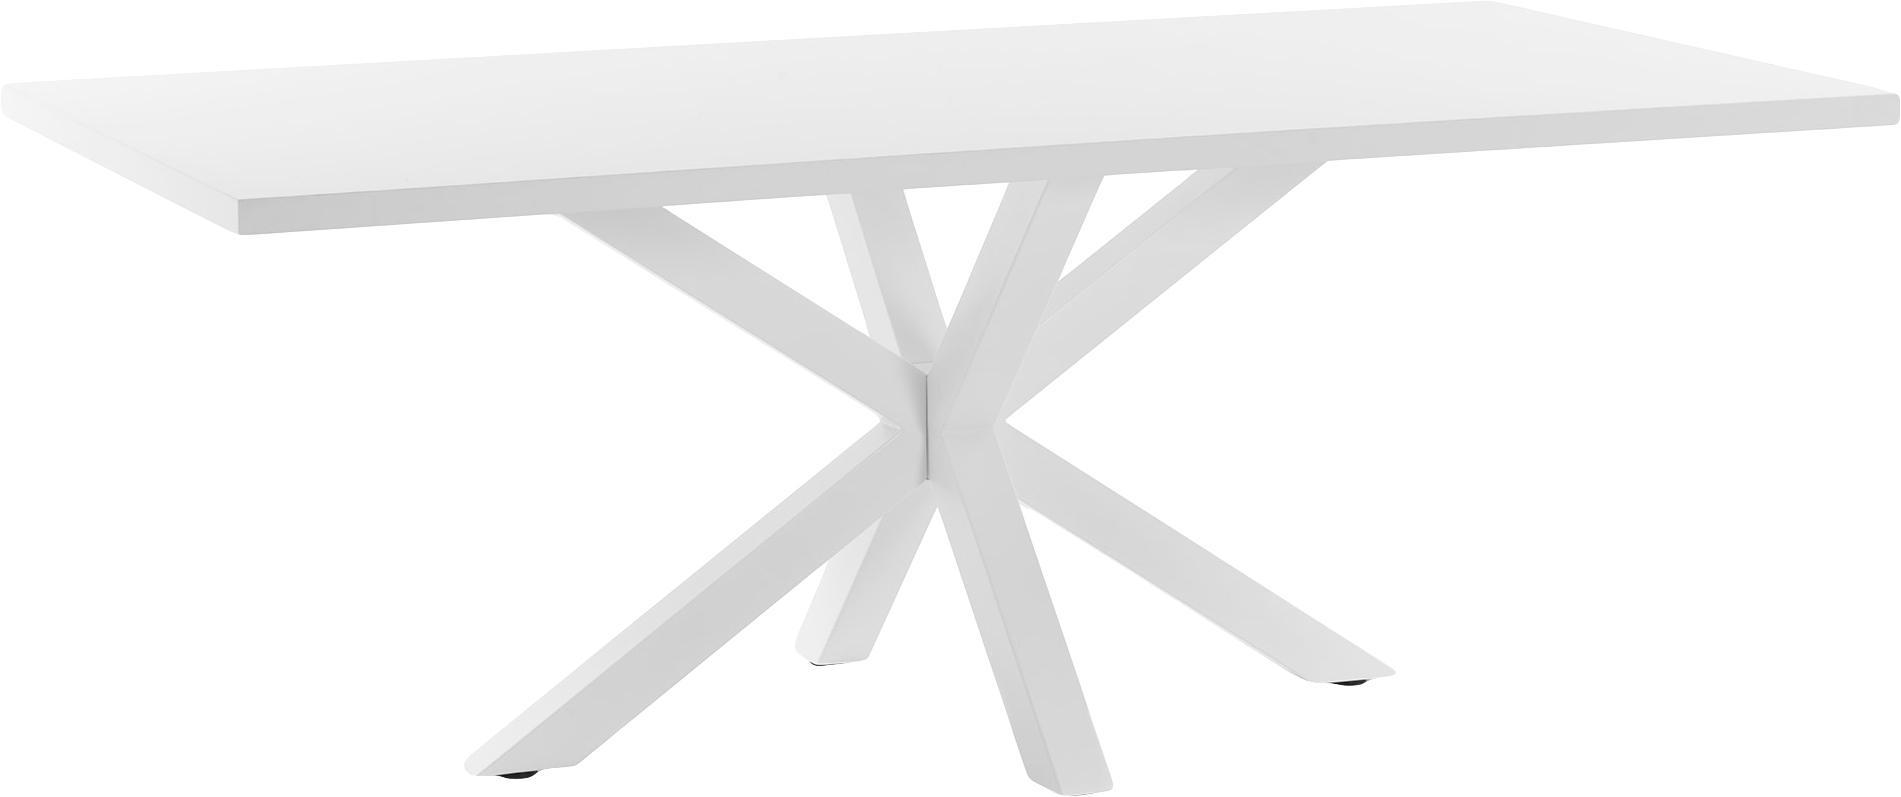 Esstisch New-Arya in Weiss, Tischplatte: Mitteldichte Holzfaserpla, Gestell: Metall, lackiert, Weiss, B 160 x T 100 cm